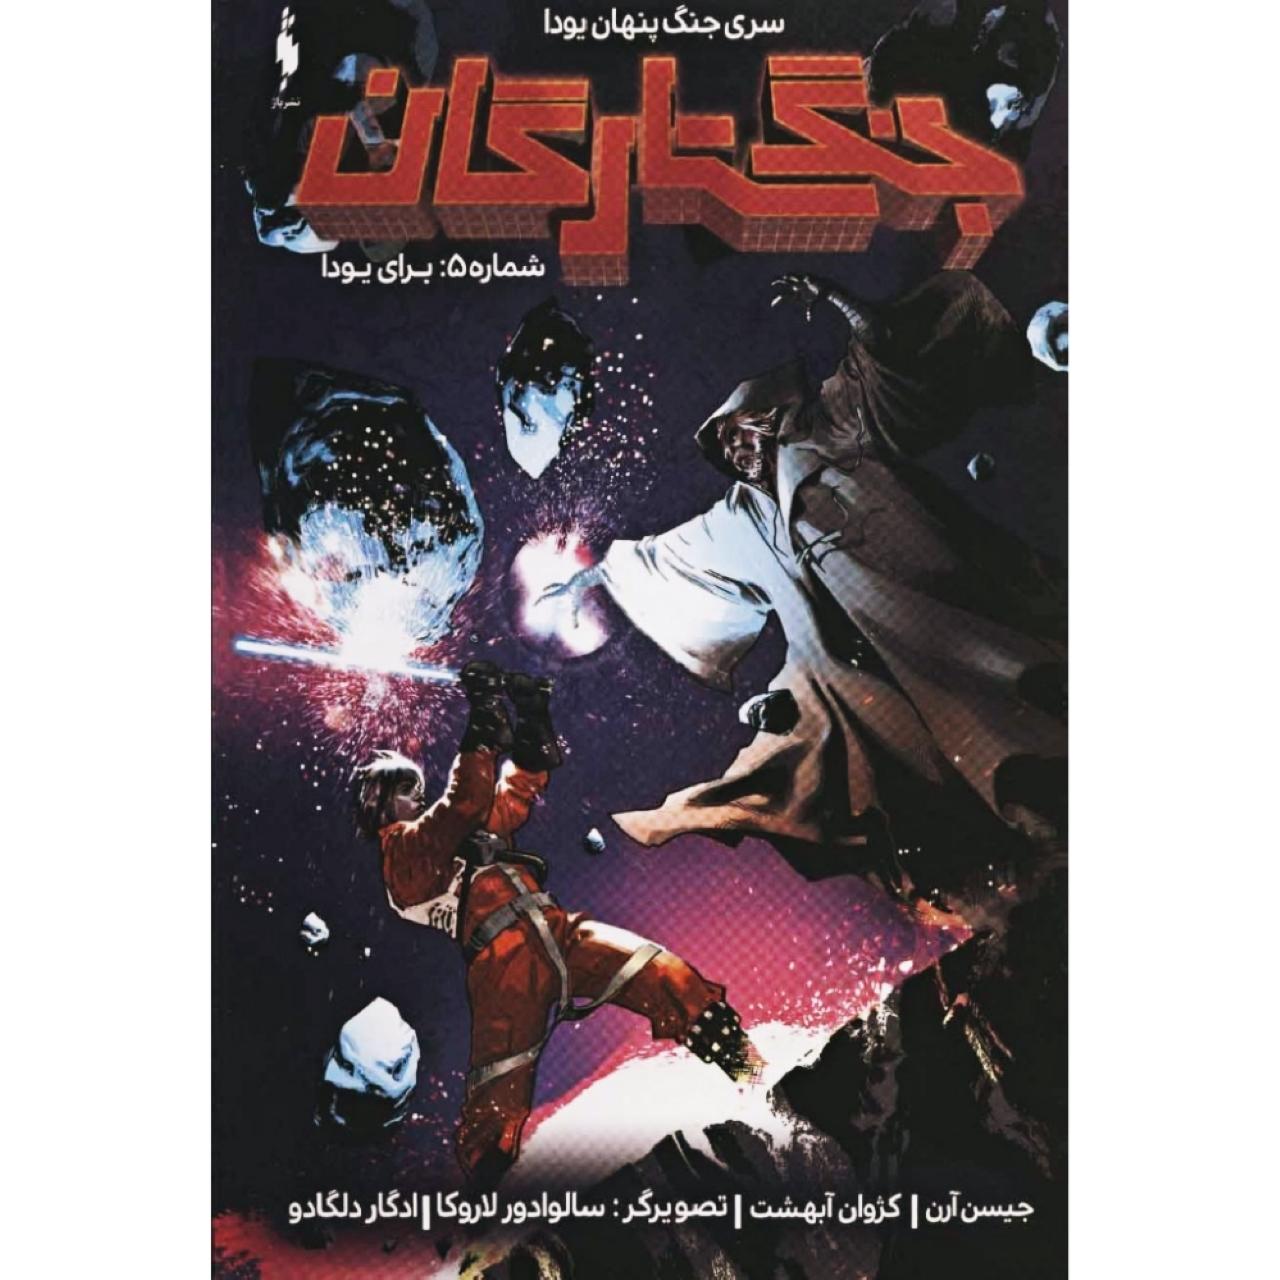 کتاب جنگ ستارگان شماره 5 برای یودا اثر جیسن آرن نشر باژ